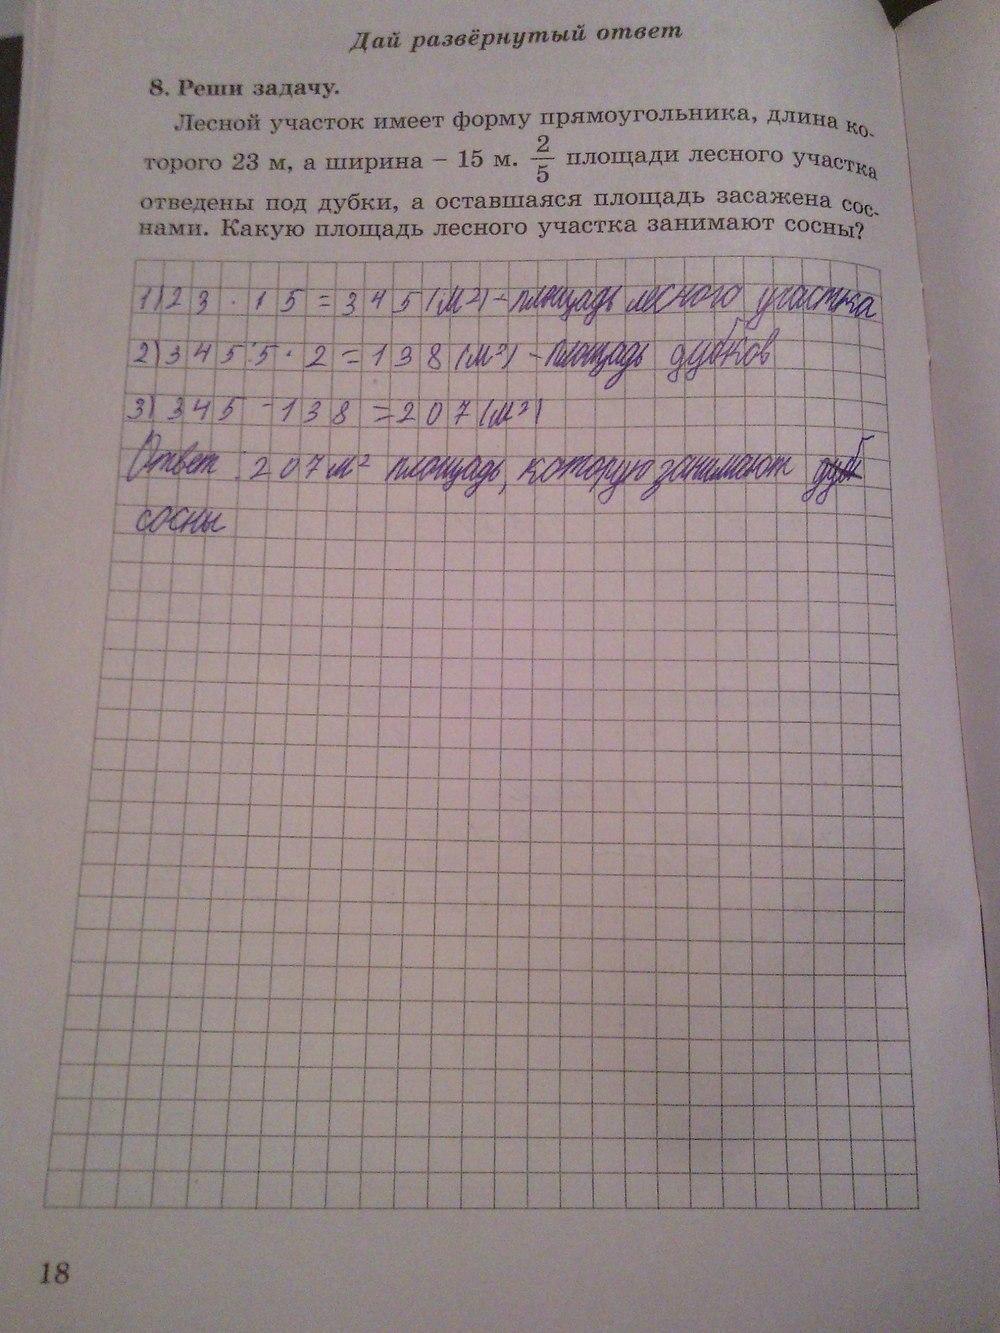 ГДЗ по математике 4 класс. Задание: стр. 18